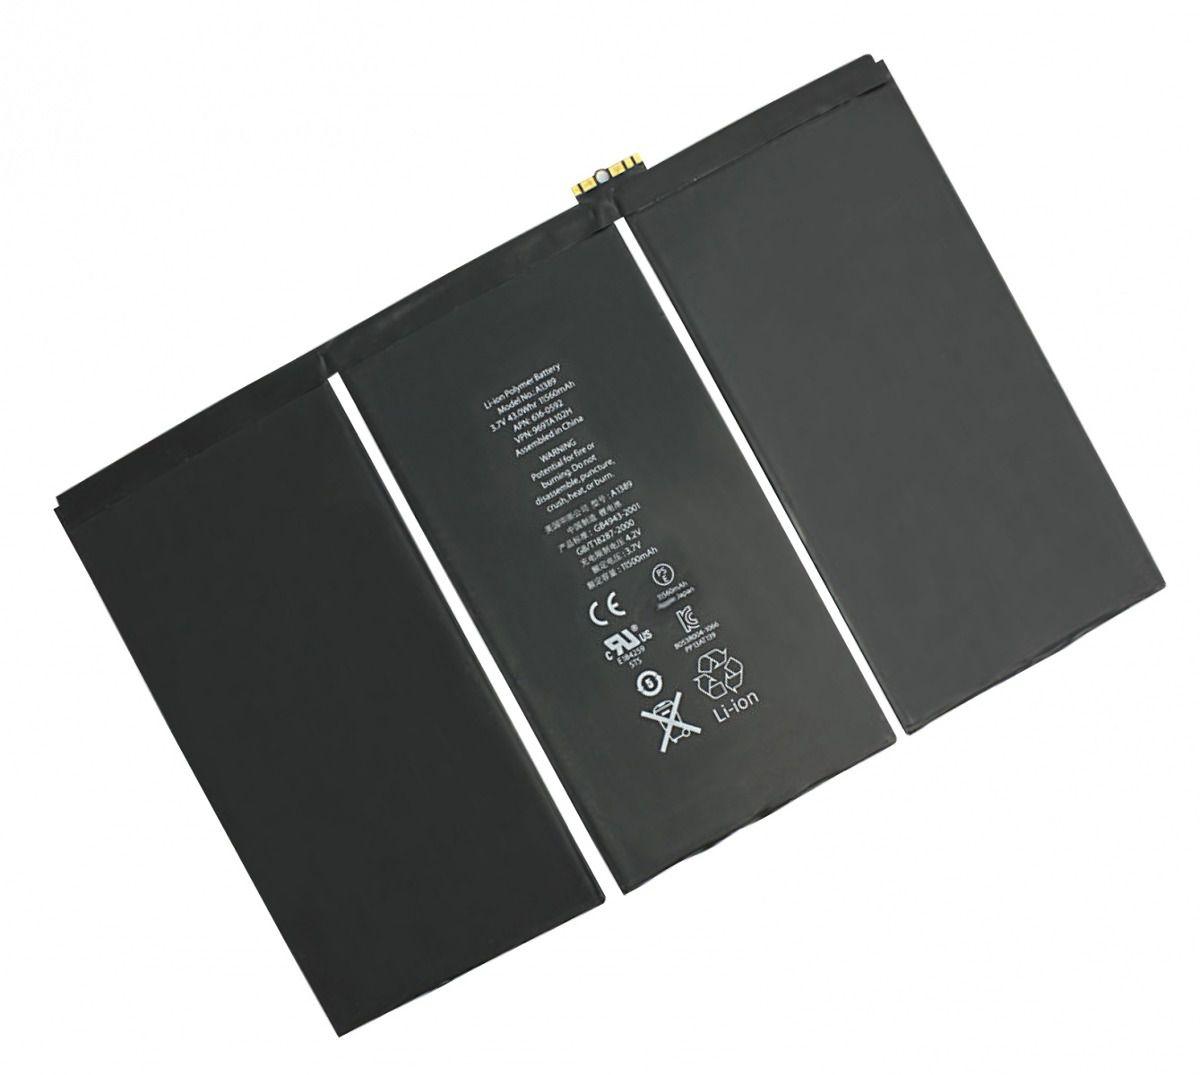 Bateria Apple Para Ipad 3 A1416 A1430 A1403 11560mah